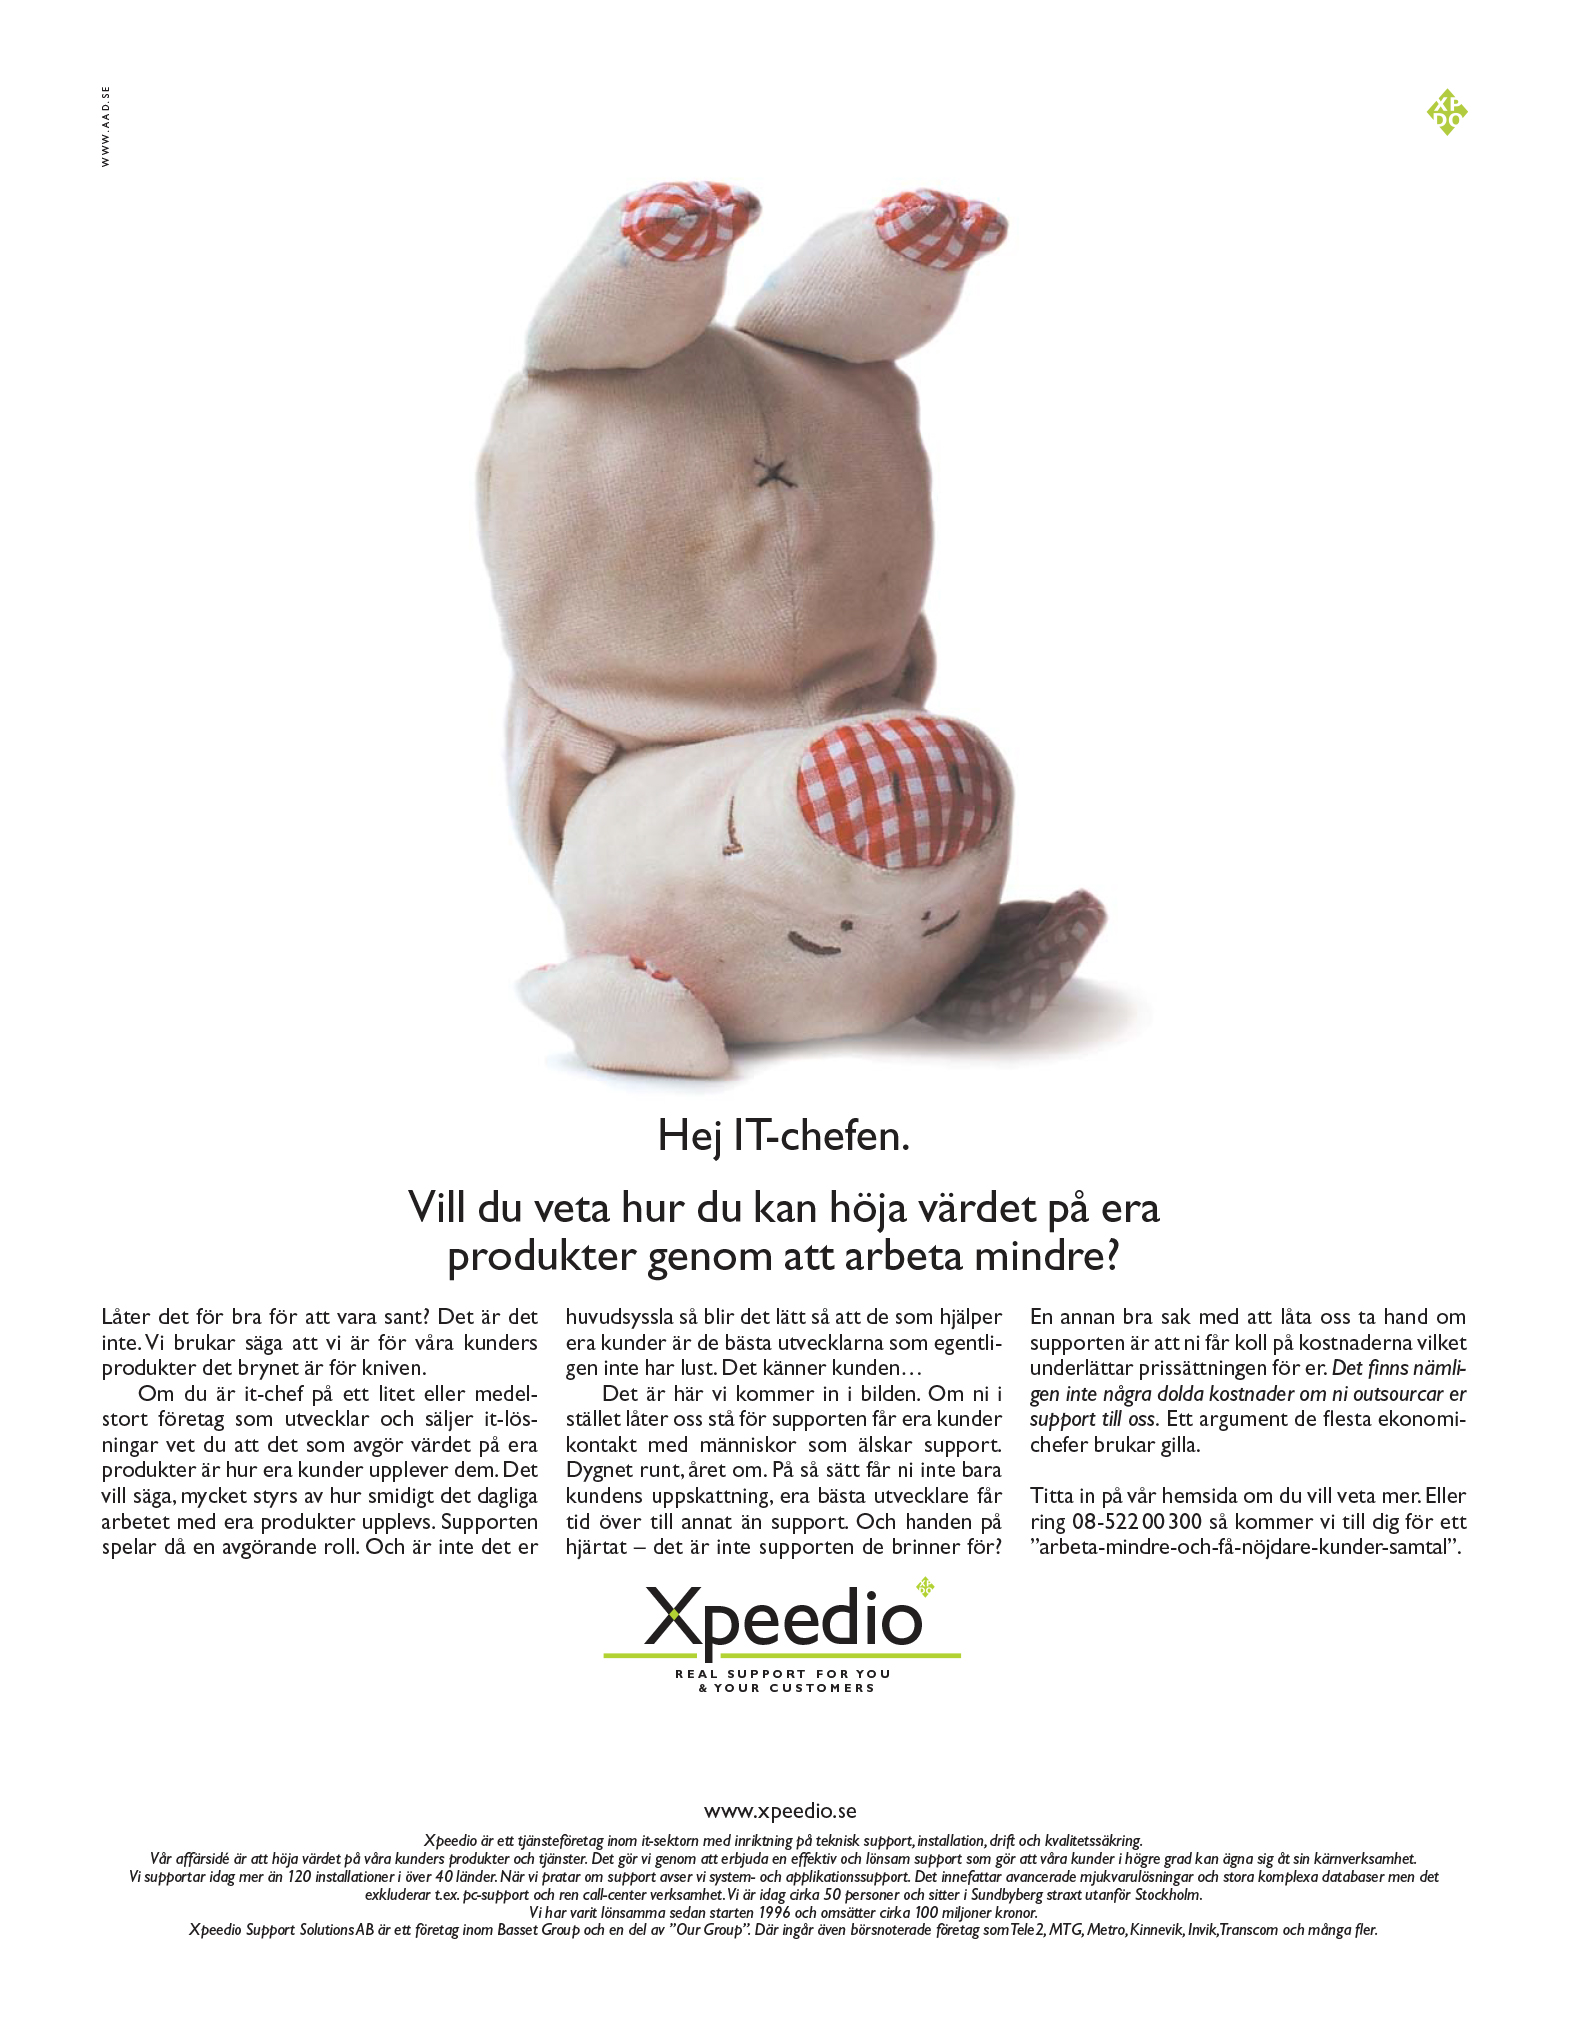 Annons för Xpeedio